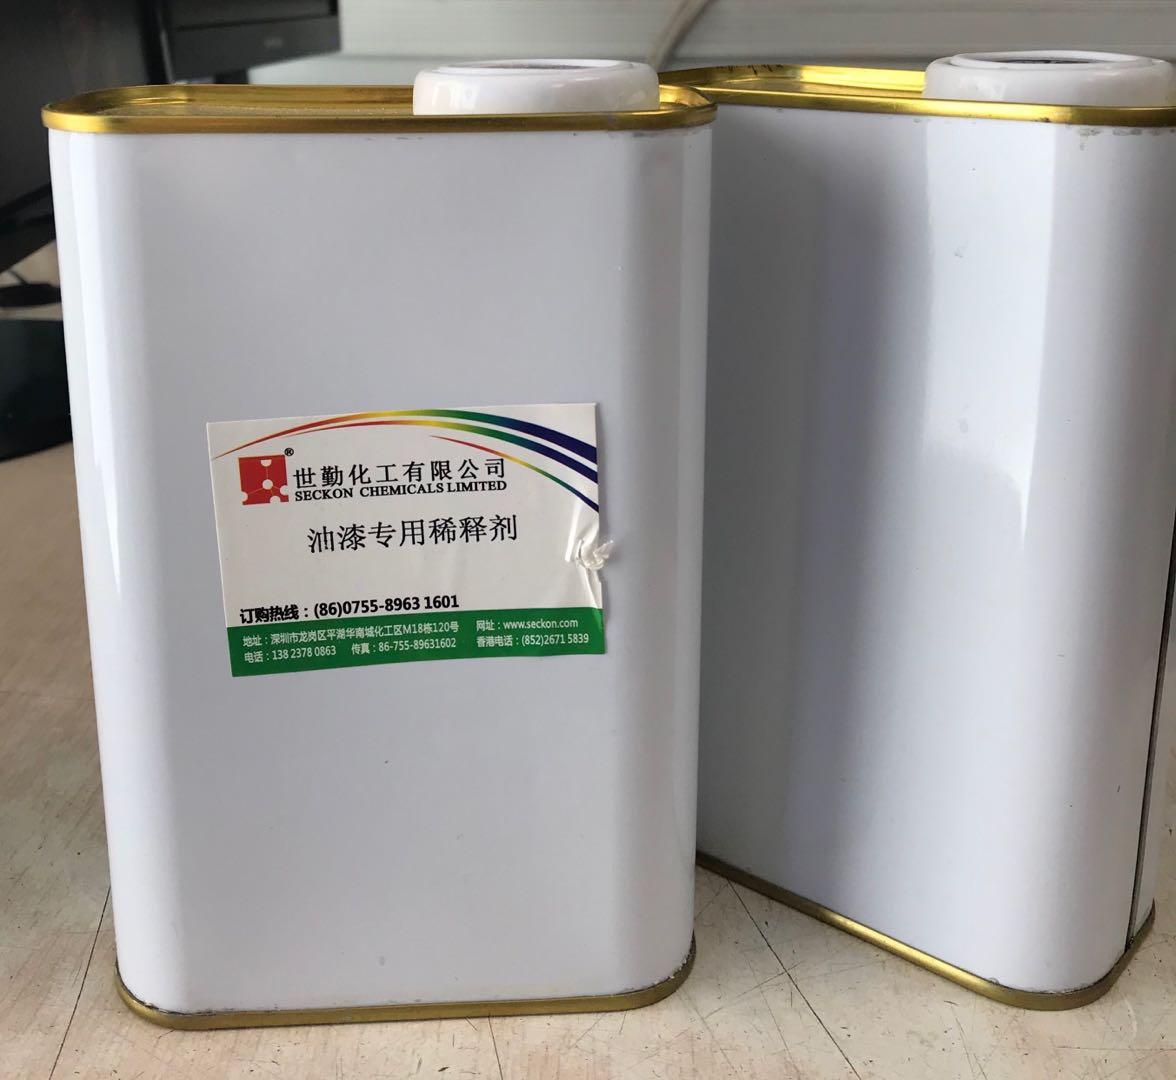 鋁氧化油墨价格-日本进口代理-奥野【深圳市龙岗区世勤化工经营部】